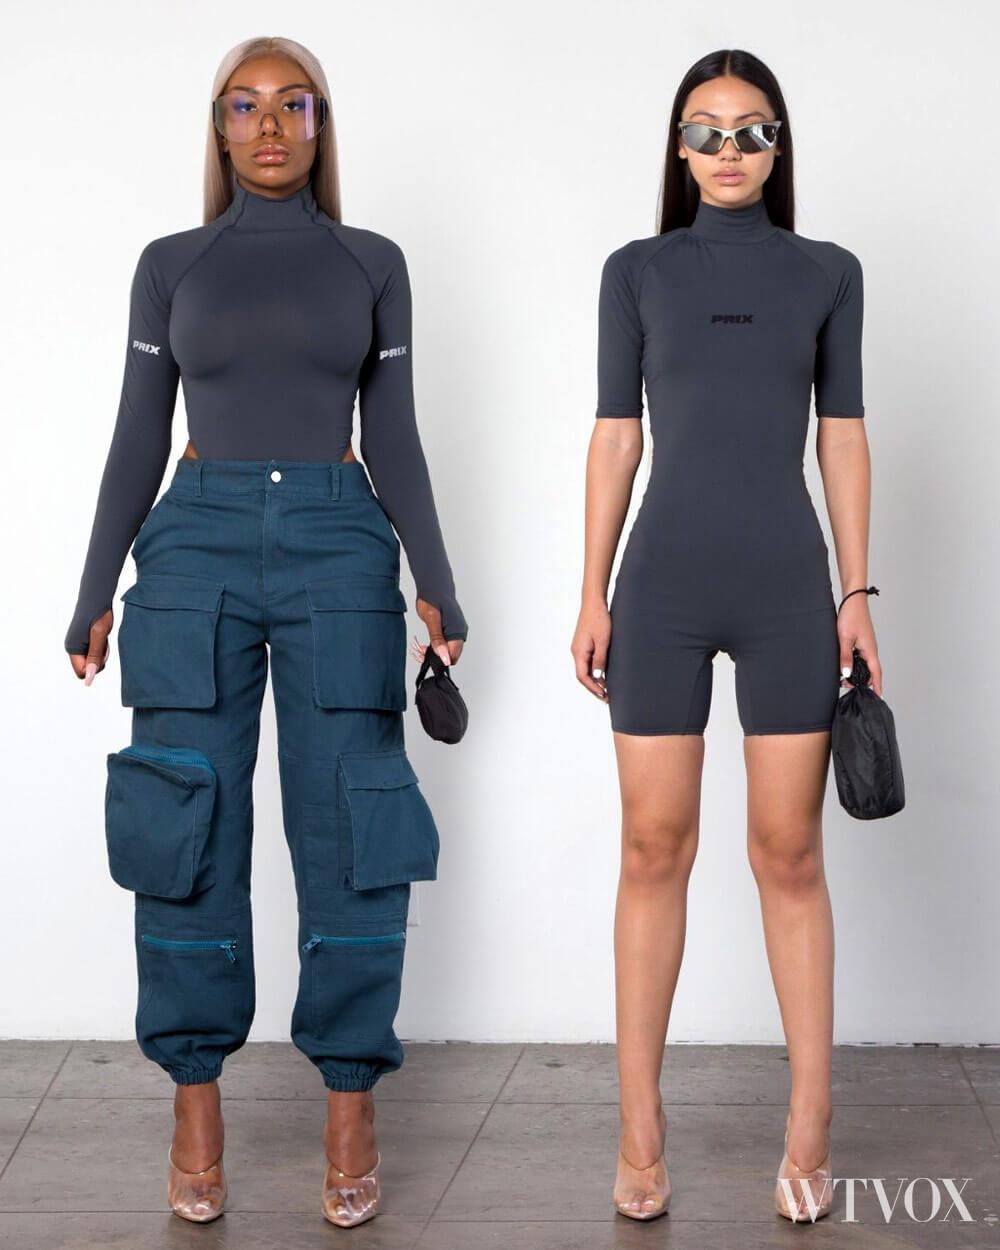 Prix Workshop womens streetwear